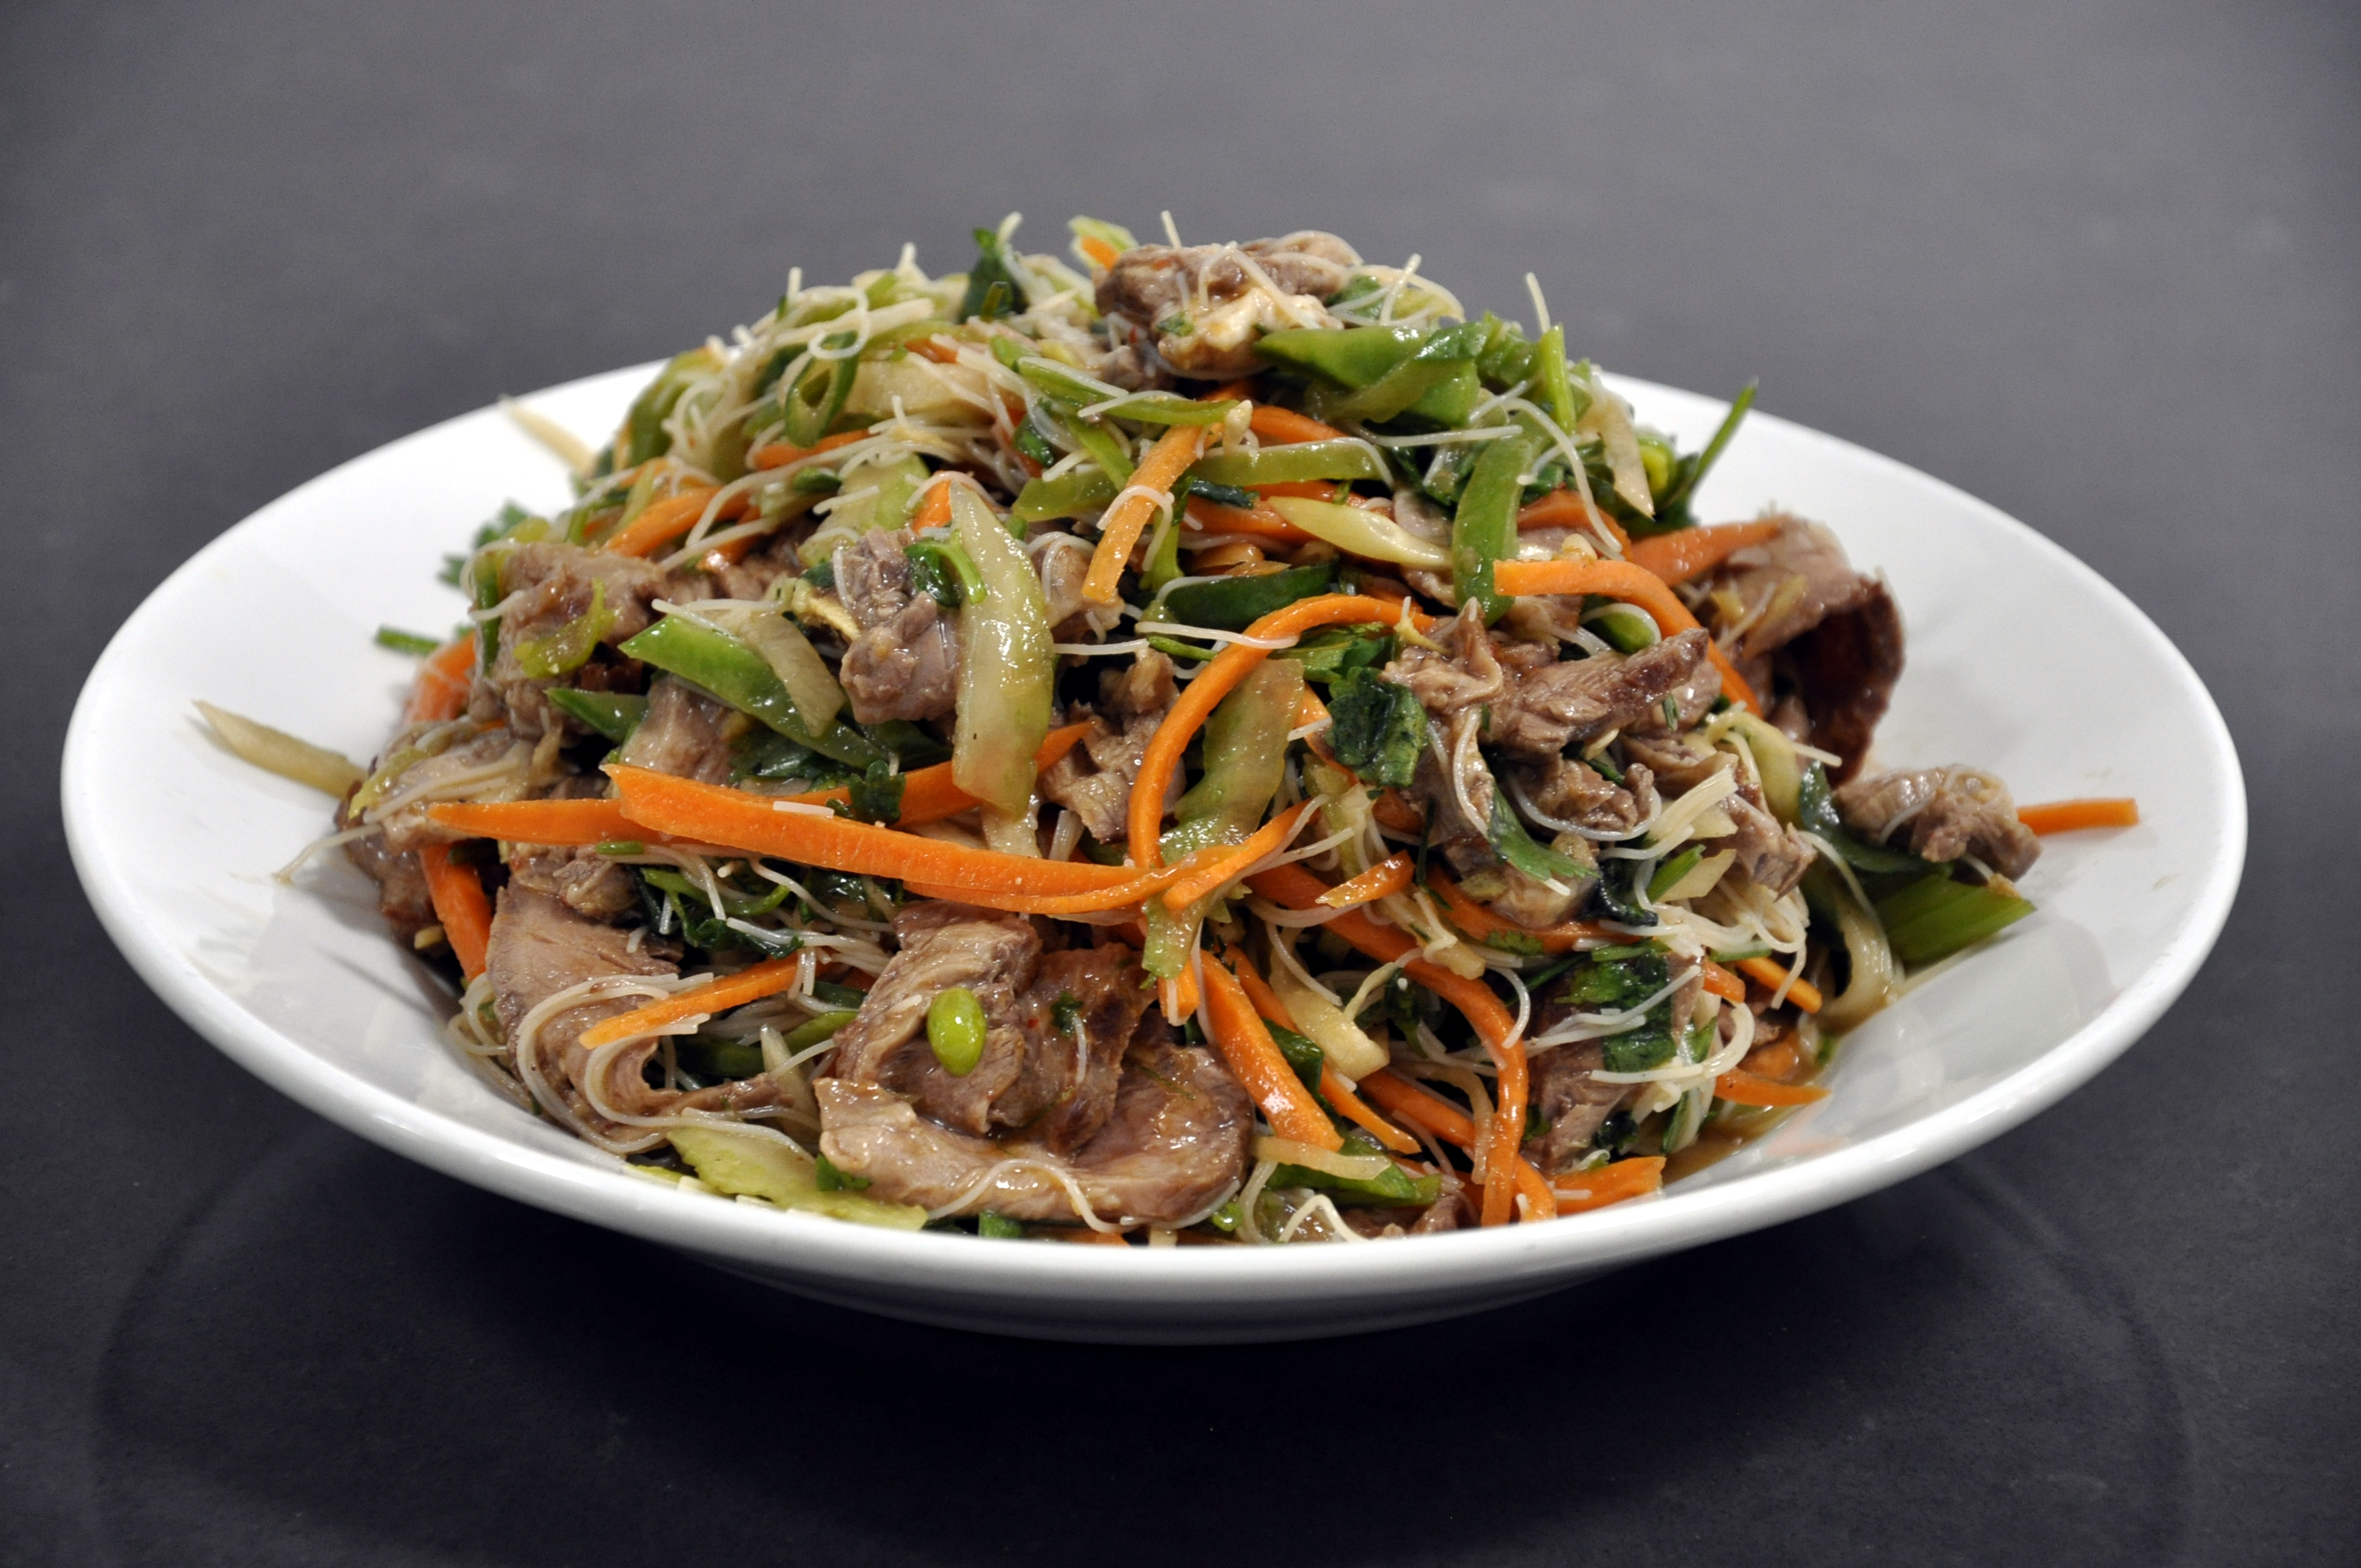 Thai beef salad served